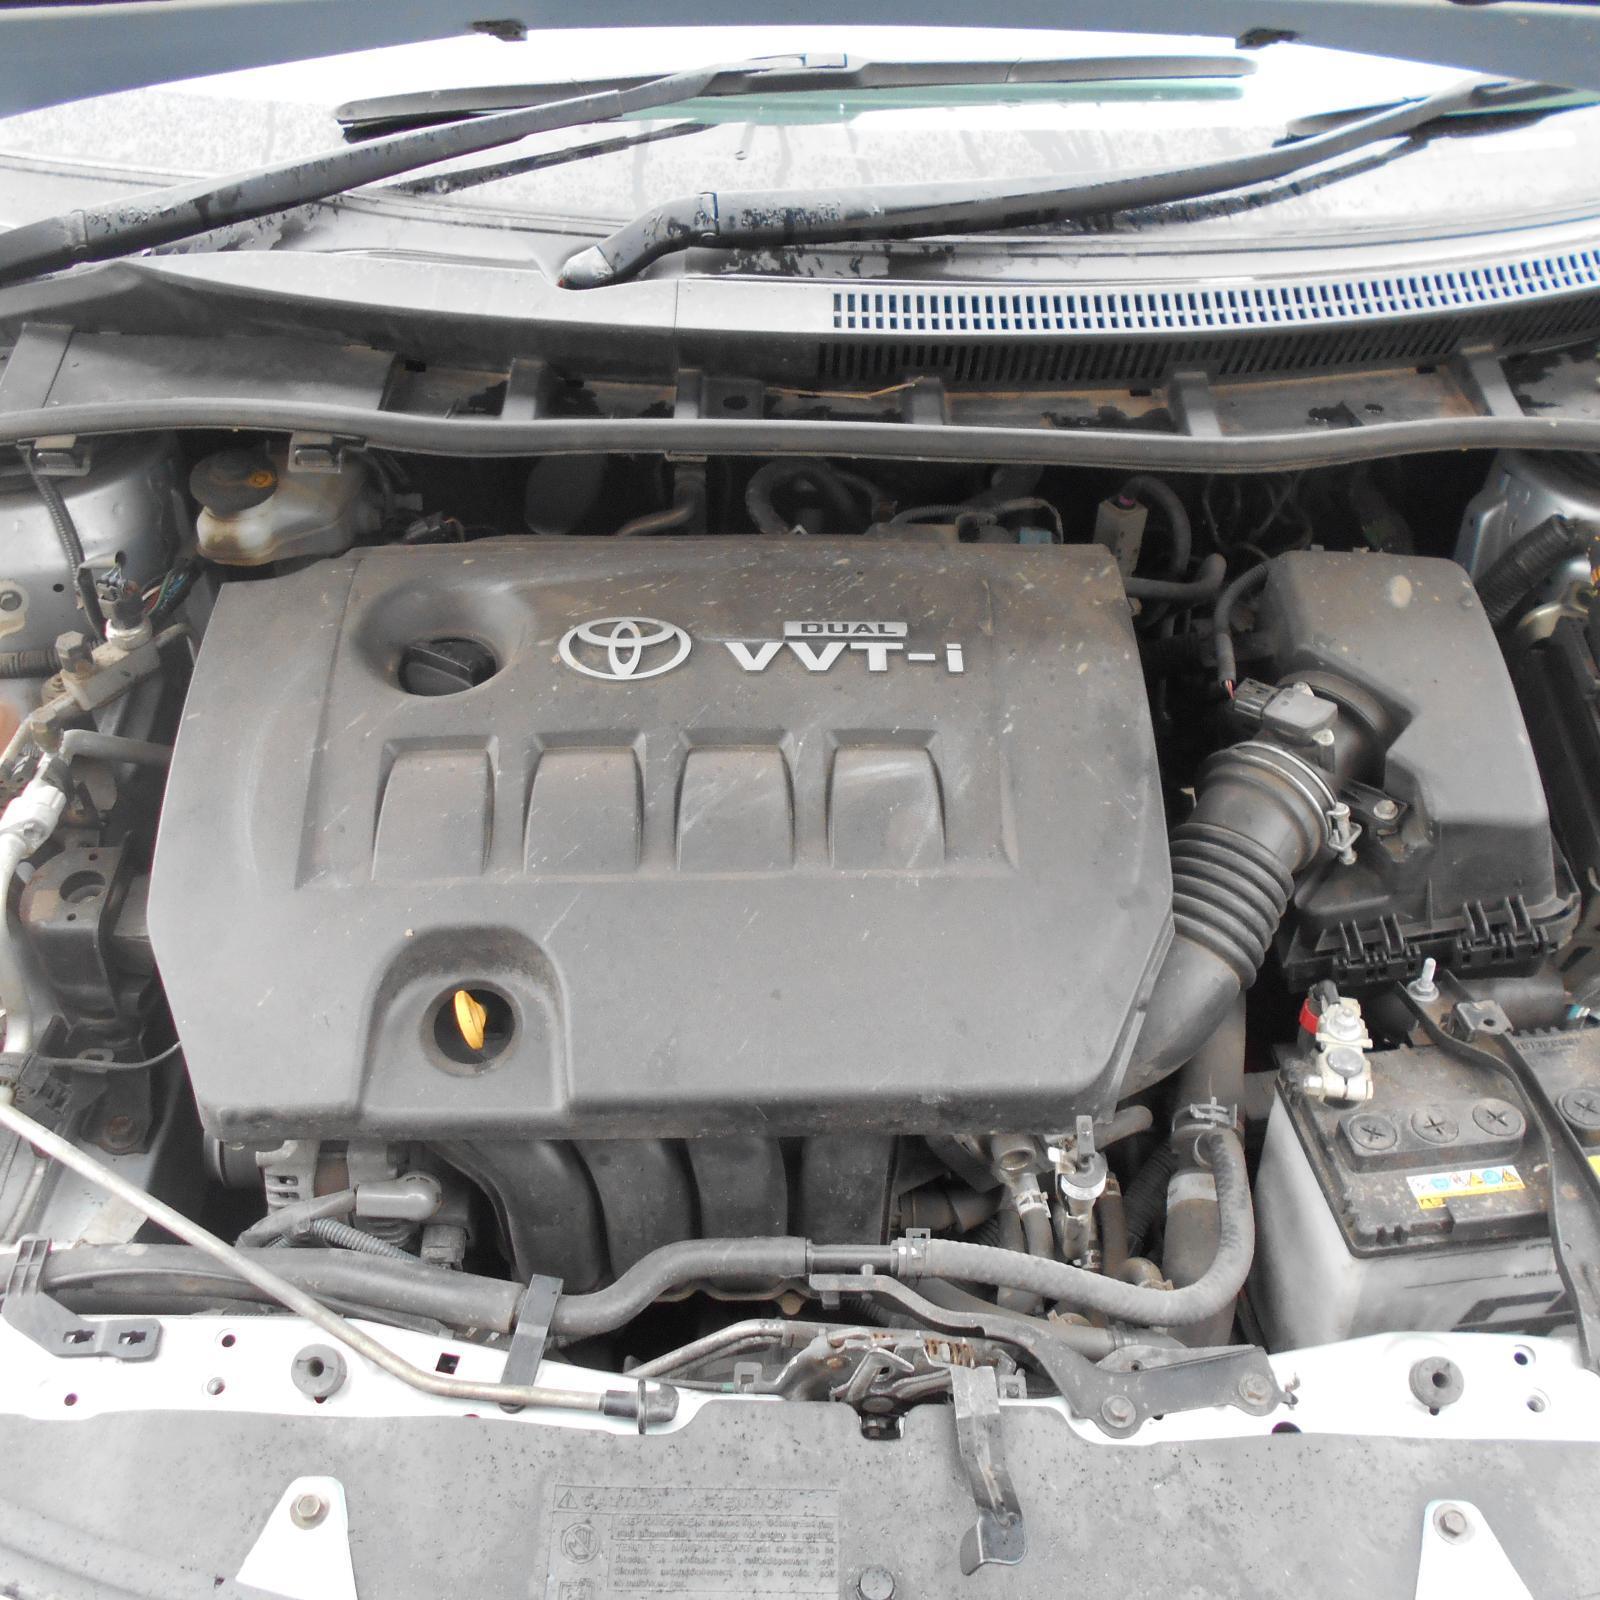 TOYOTA COROLLA, Engine, PETROL, 1.8, 2ZR-FE, ZRE152/153R, 03/07-10/13